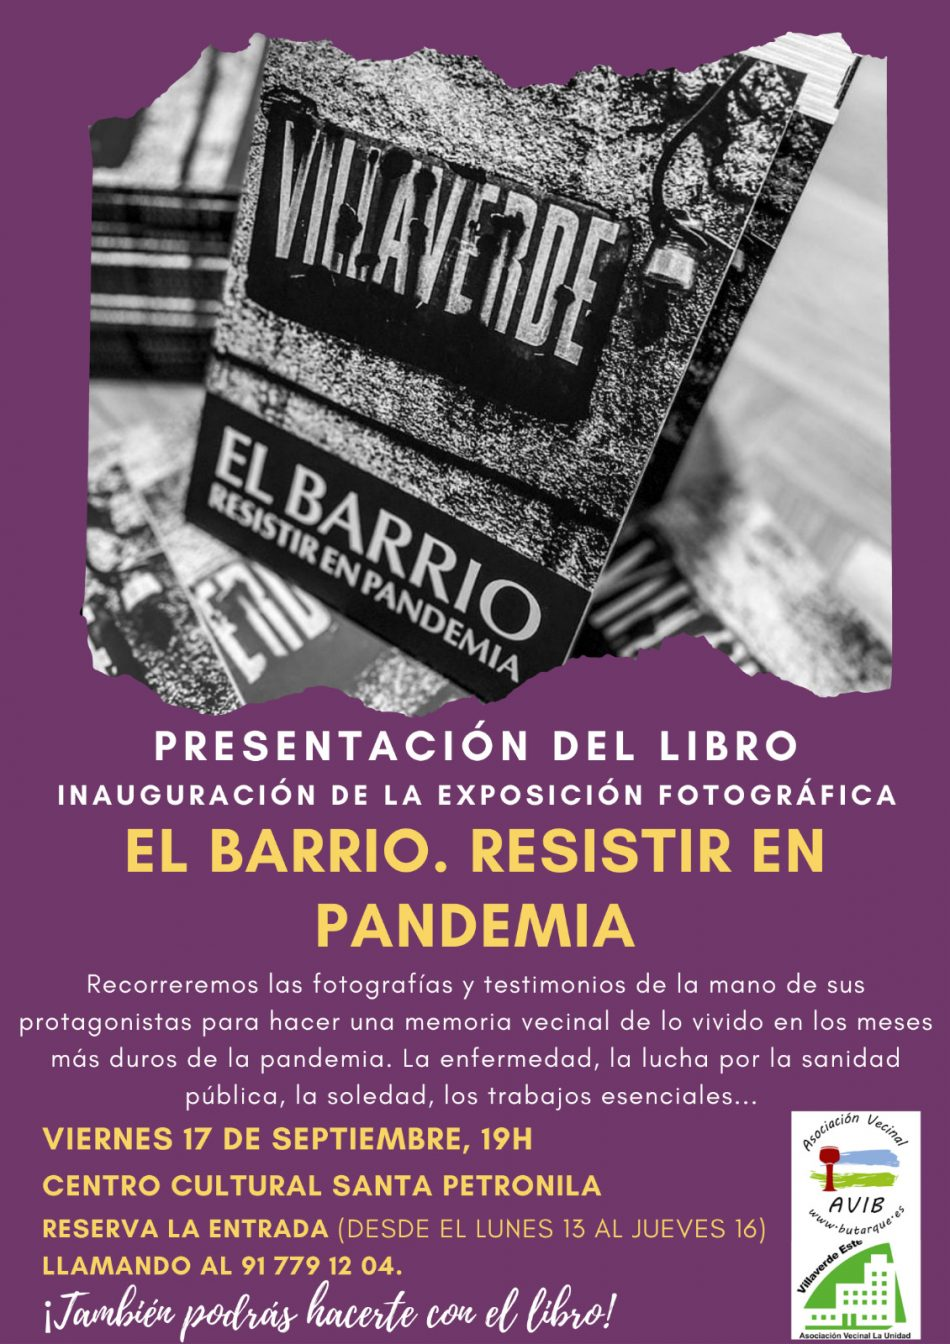 El barrio, epicentro de la resistencia frente a la pandemia